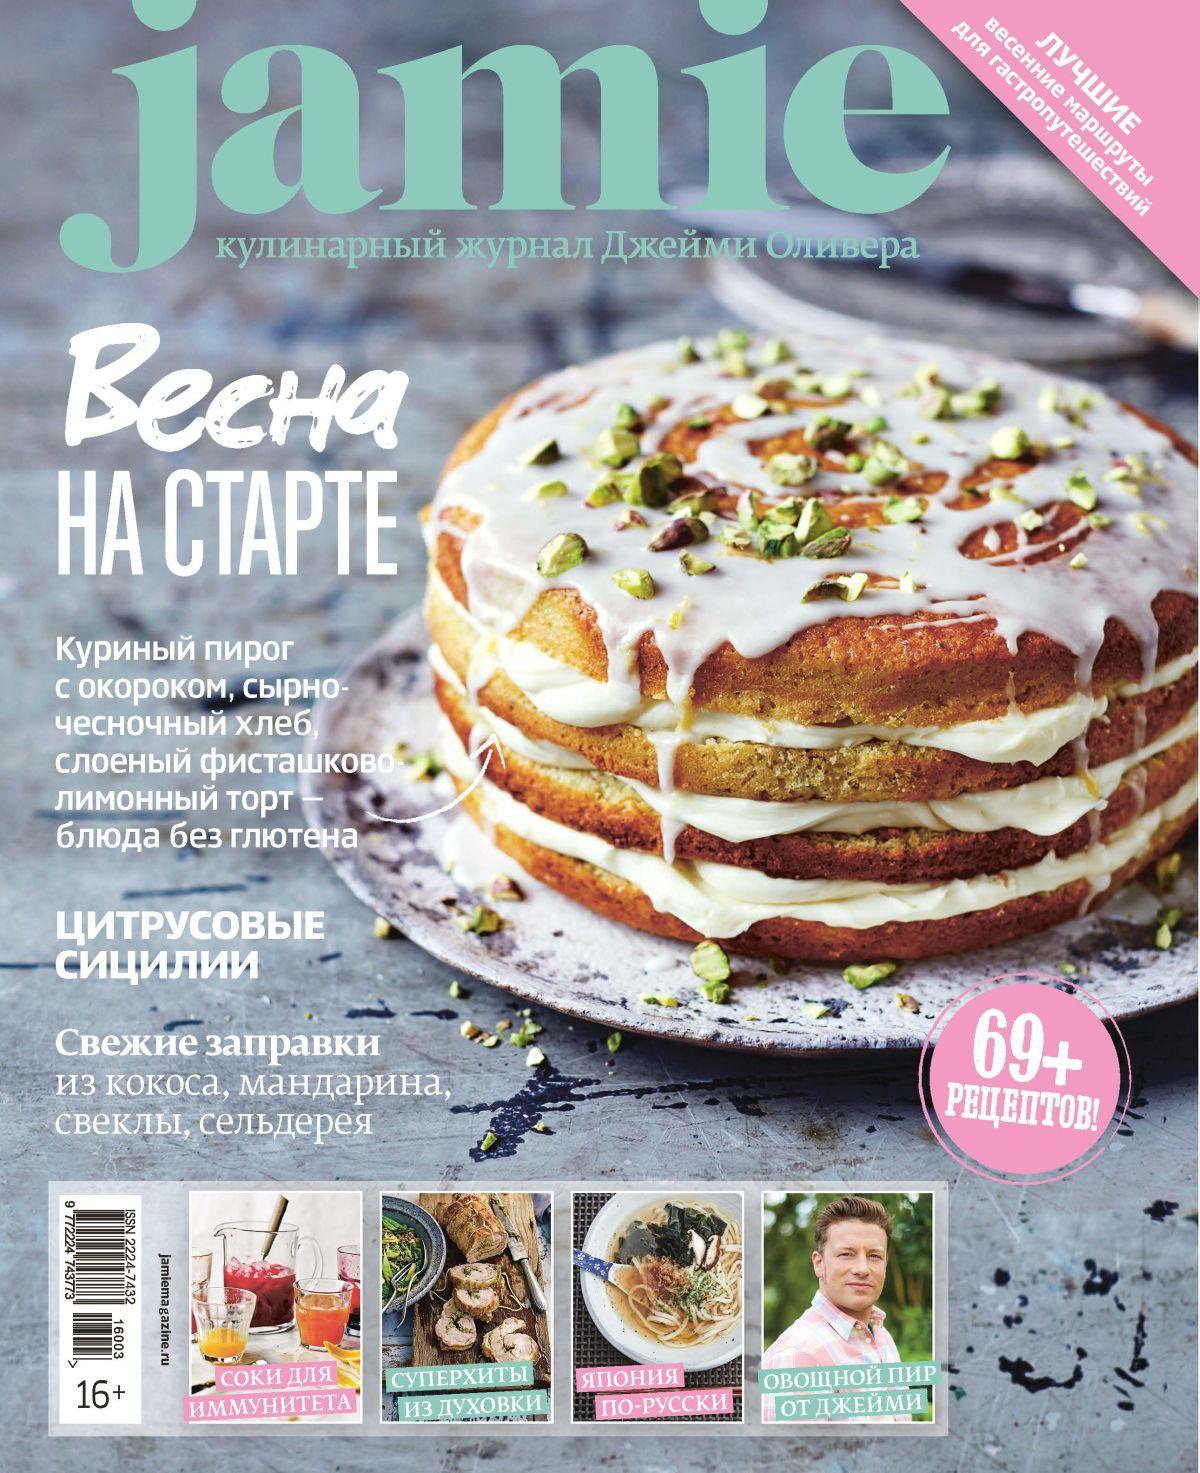 Журнал Jamie Magazine №3-4 март-апрель 2016 г. cook with jamie